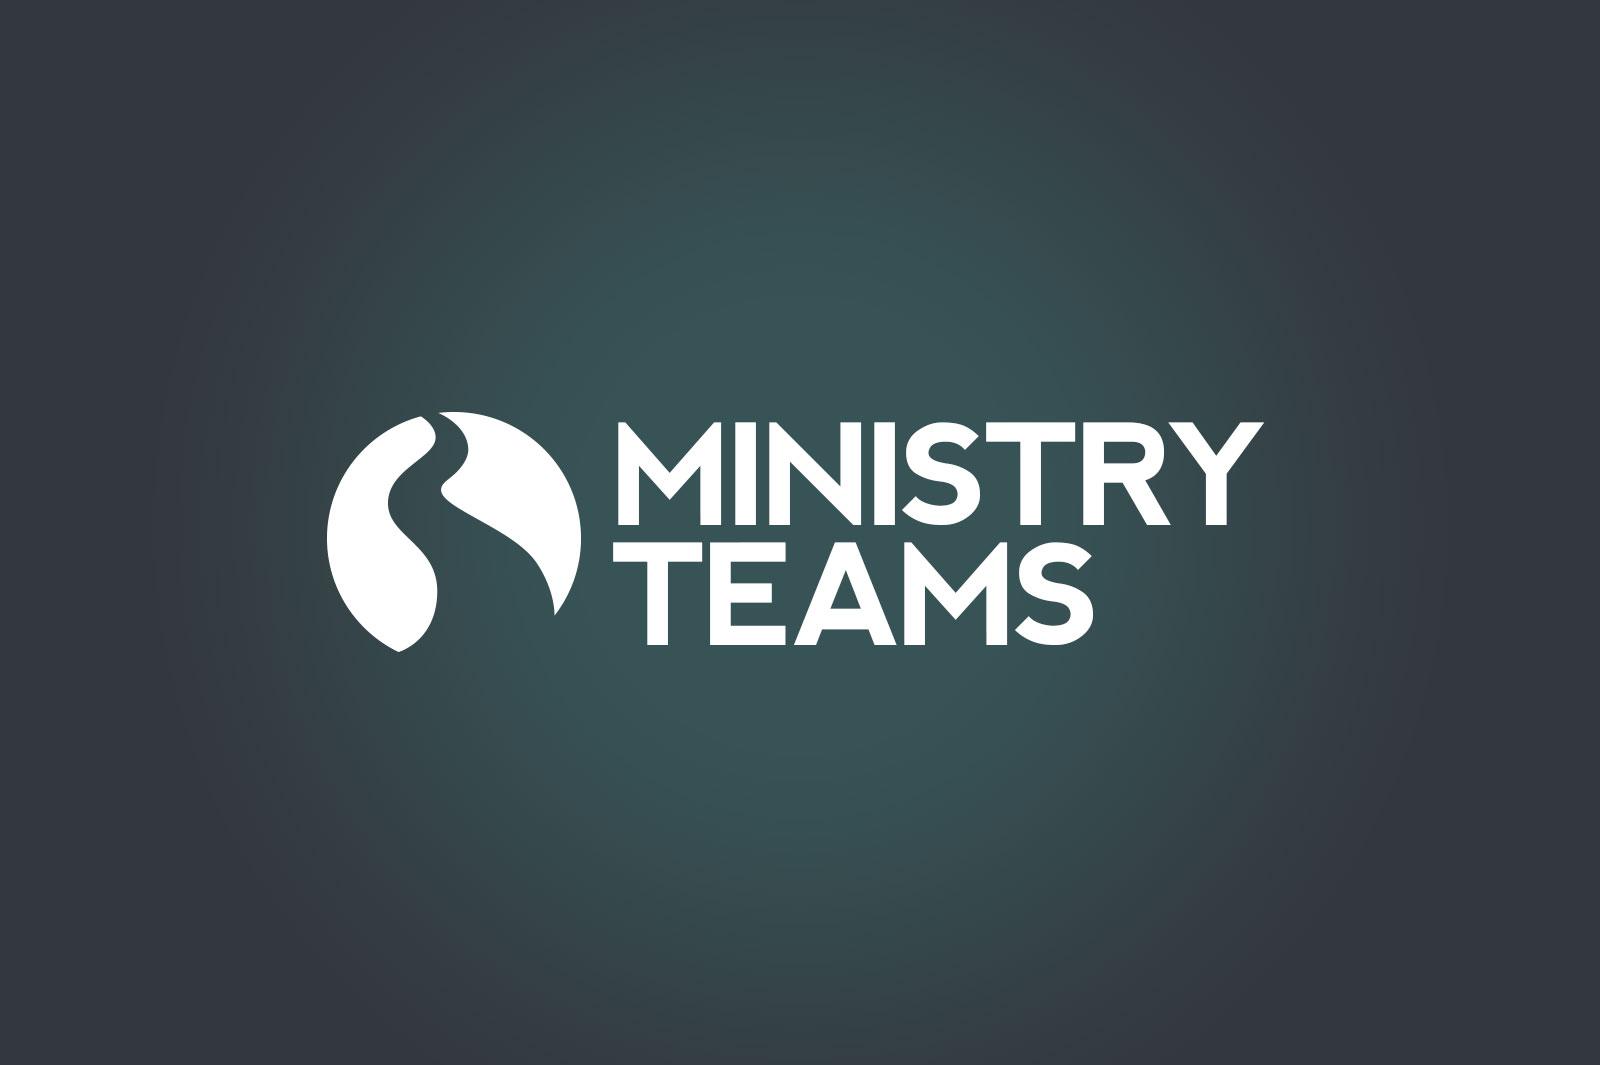 Volunteer - Ministry Team